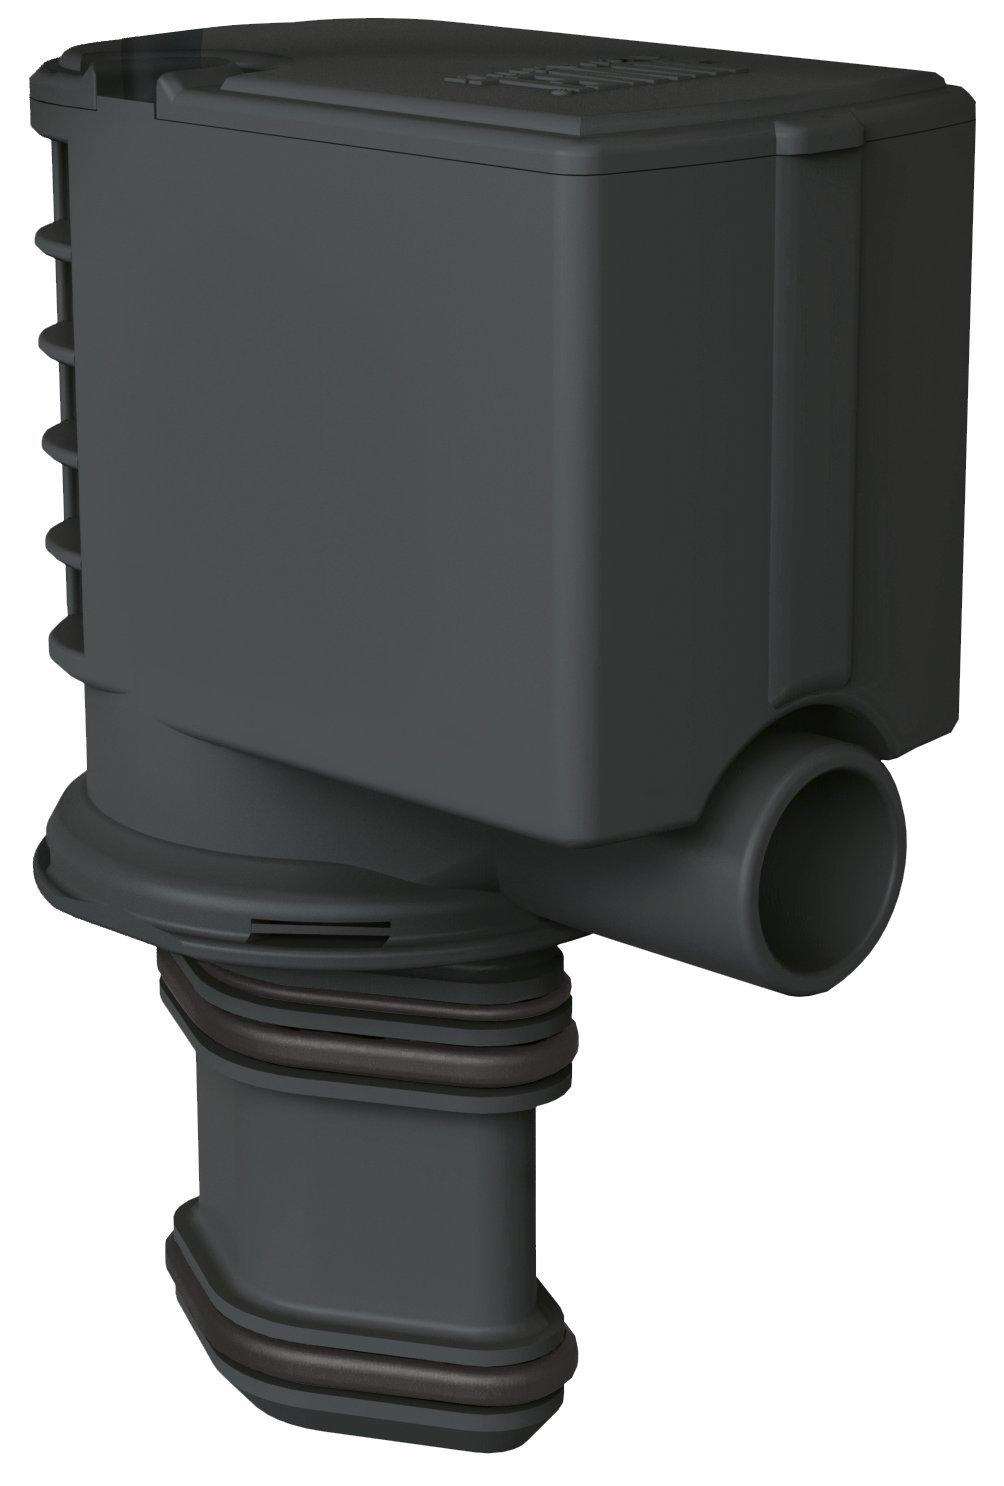 Juwel Eccoflow 500 Pompe pour Aquariophilie product image